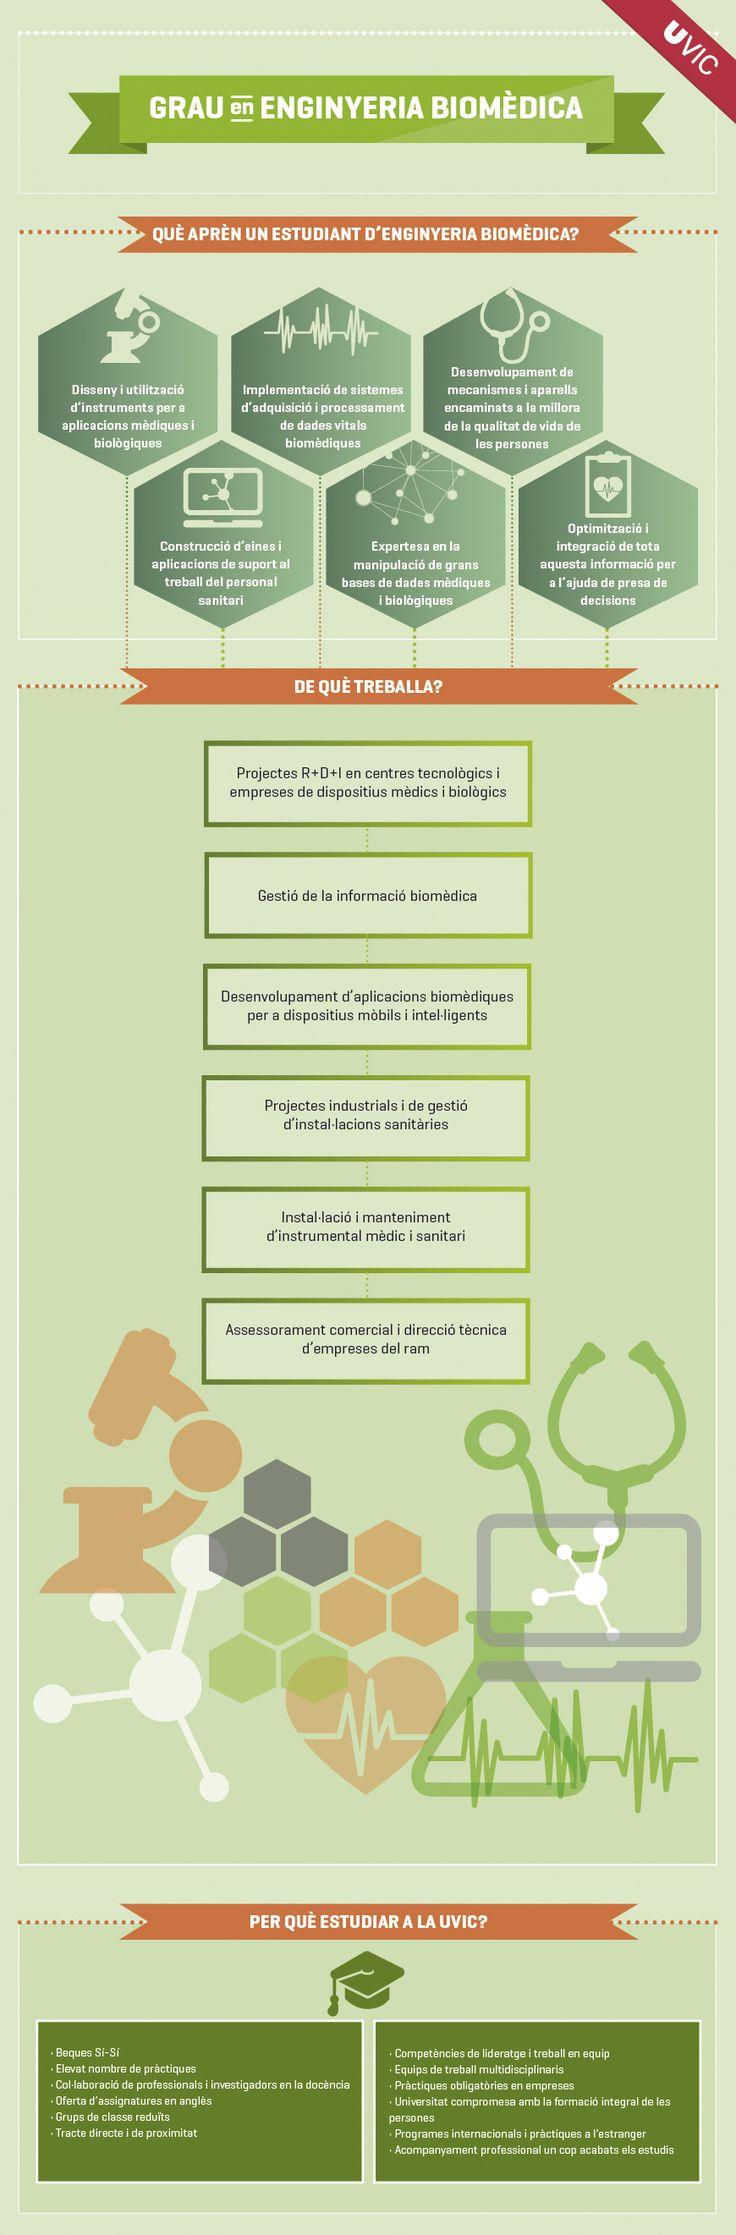 Grau en Enginyeria Biomèdica de la Universitat de Vic. #Infografia #Grau #Enginyeria #Biomèdica #UVic #universitatdevic #uviclife